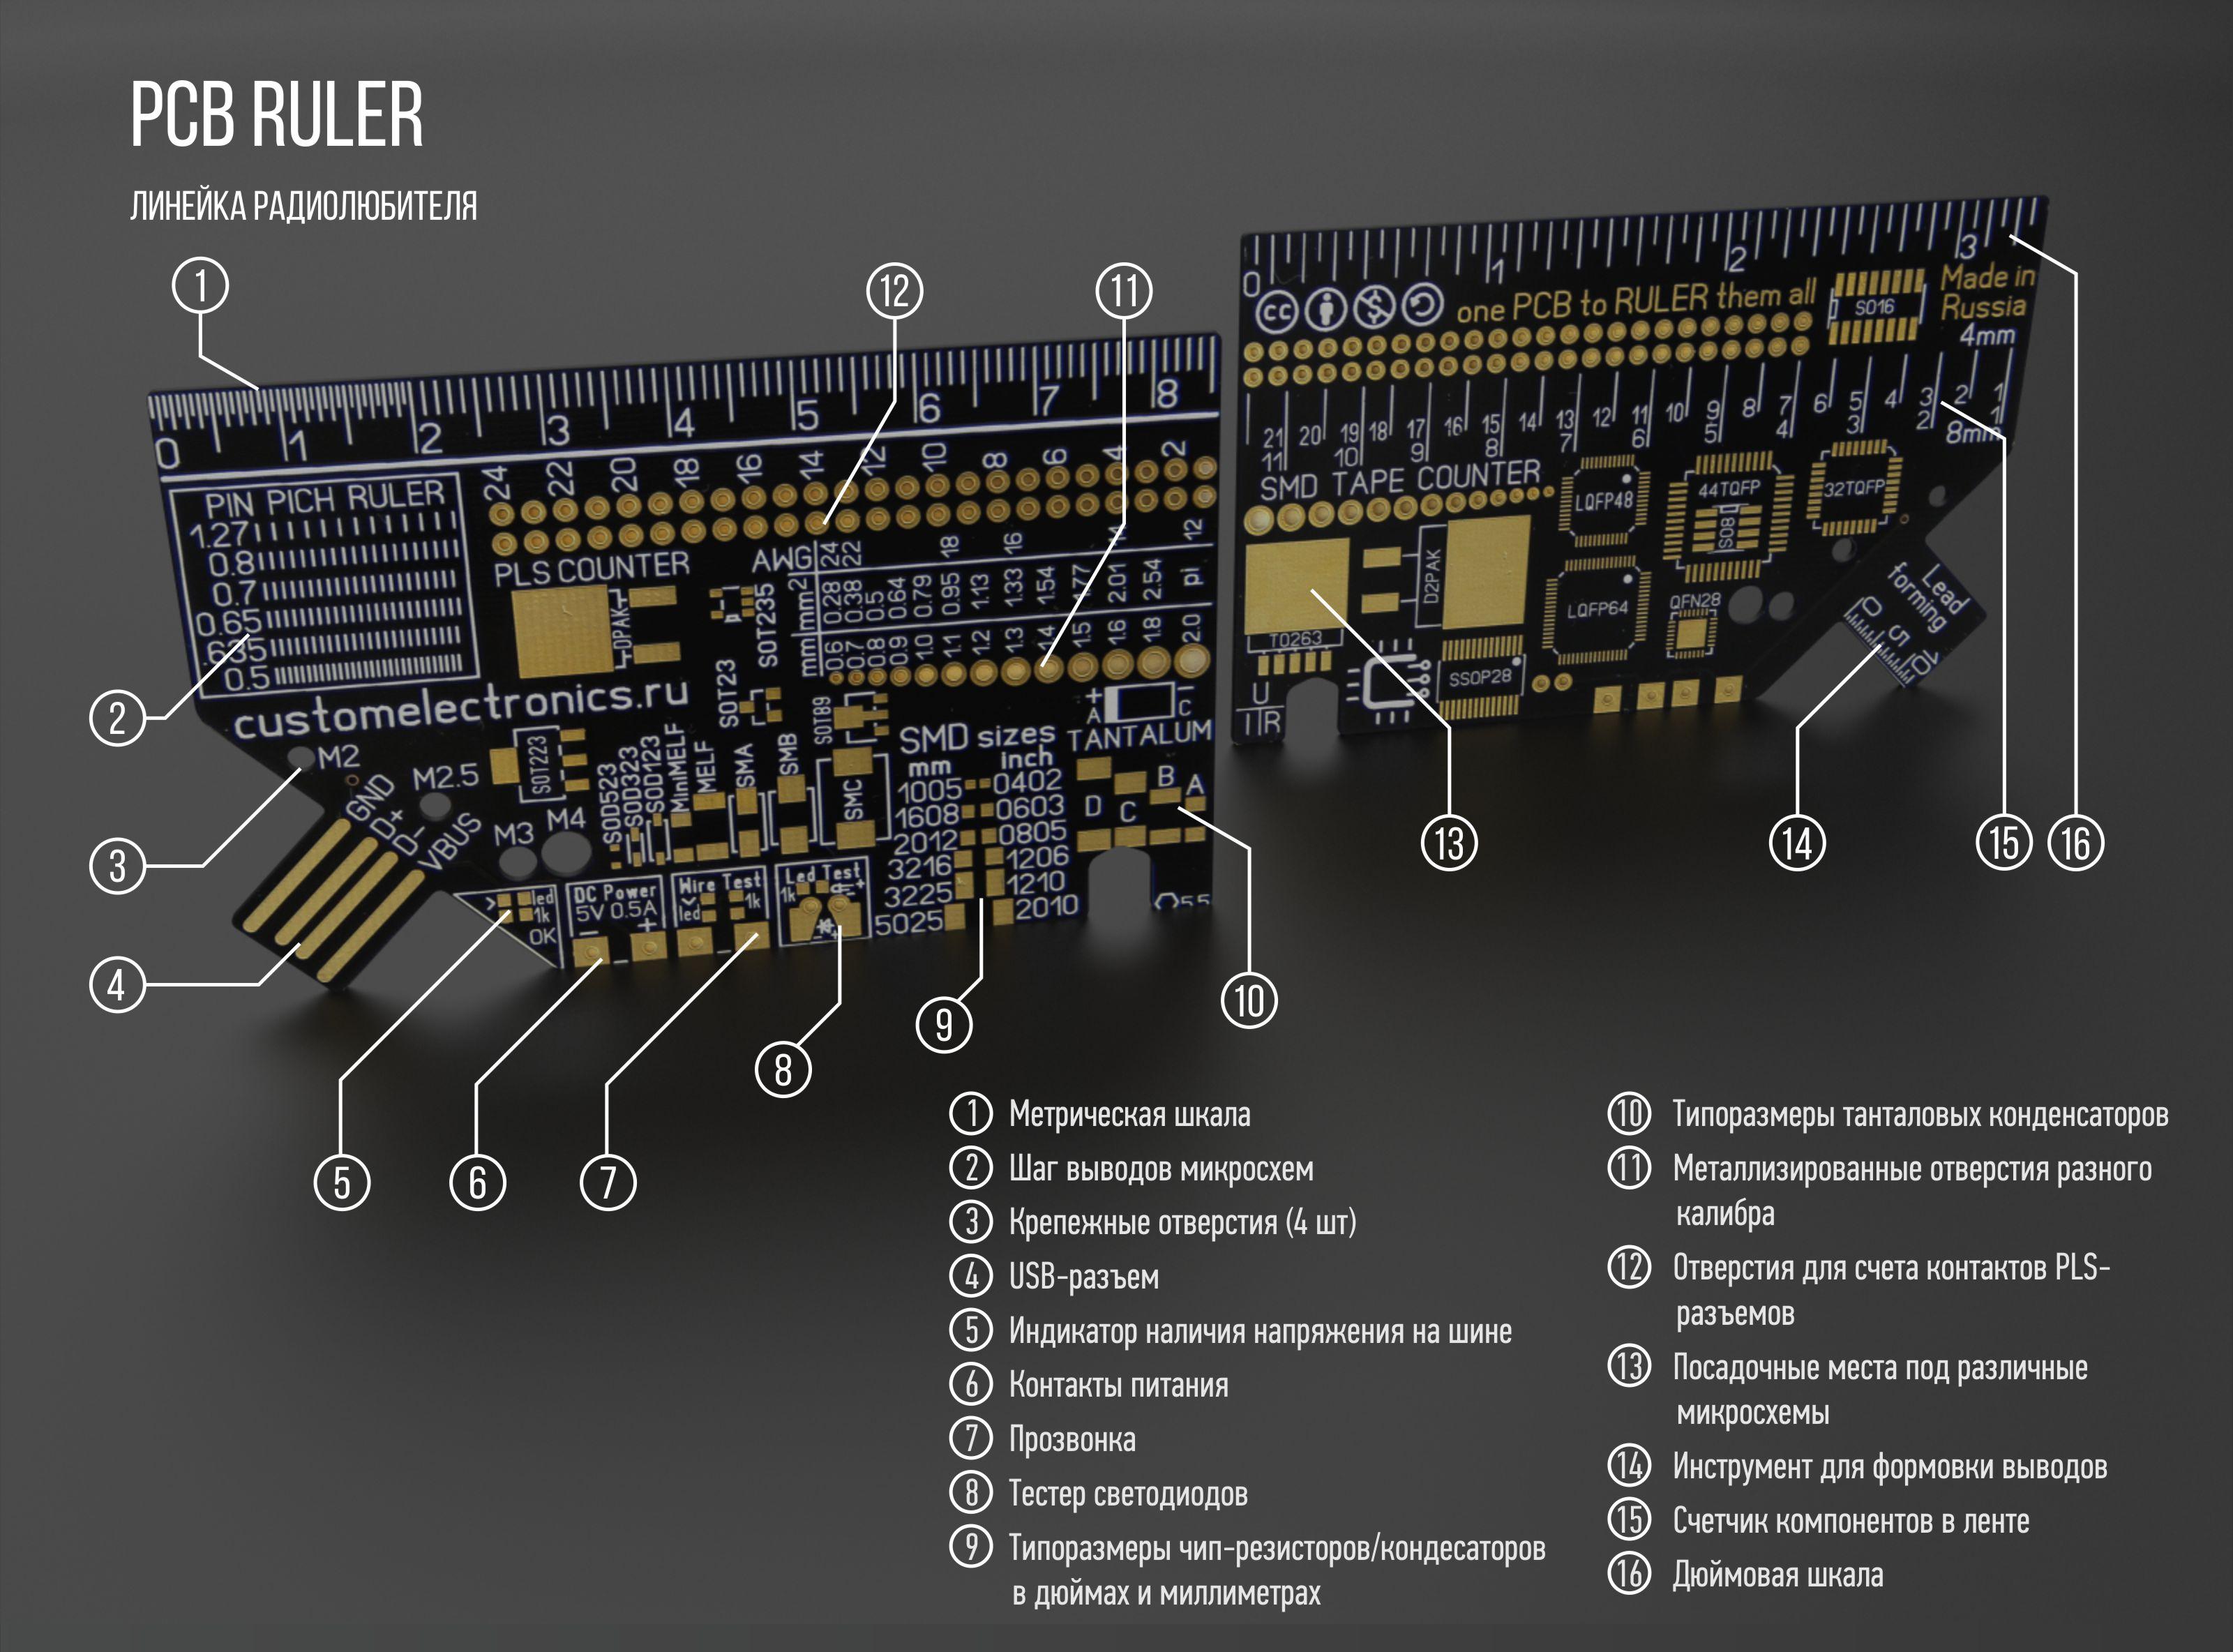 PCB Ruler. Линейка радиолюбителя